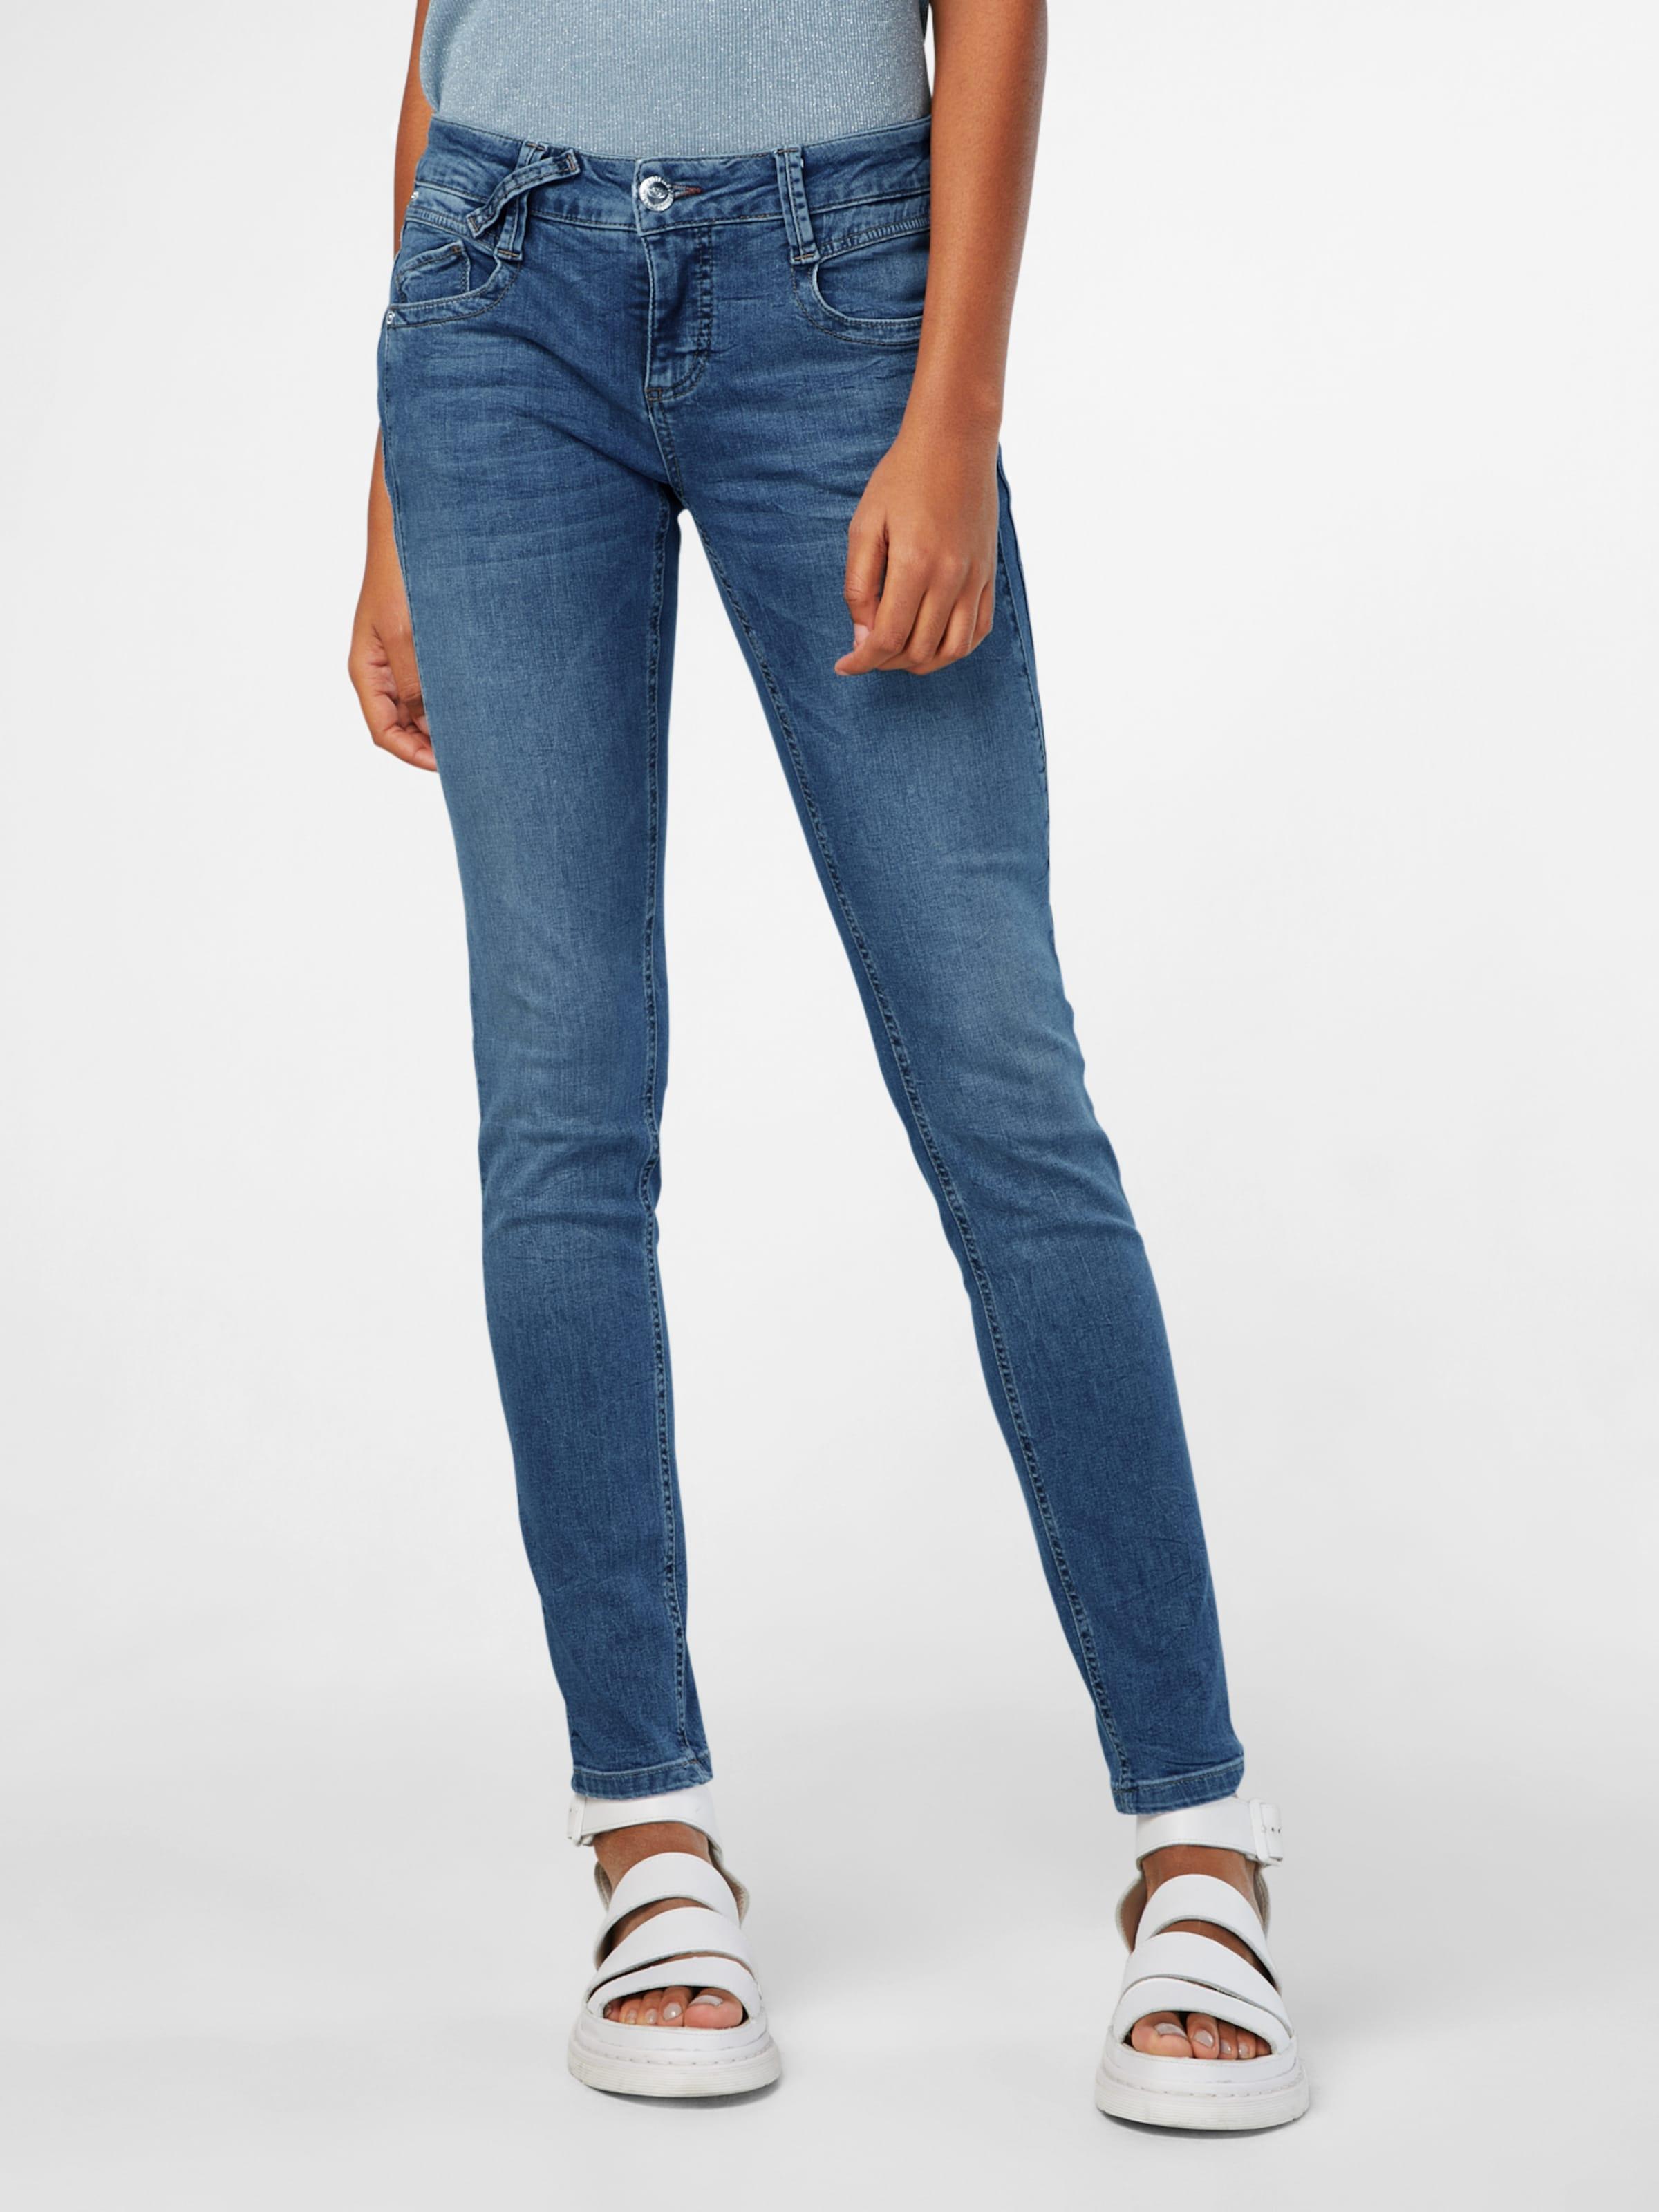 Fritzi aus Preußen 'Indiana' Jeans Extrem Zum Verkauf Spielraum Shop Online-Verkauf Billig Verkauf Outlet-Store Freies Verschiffen 2018 Neueste Auslass Der Billigsten QSzx2cMCc